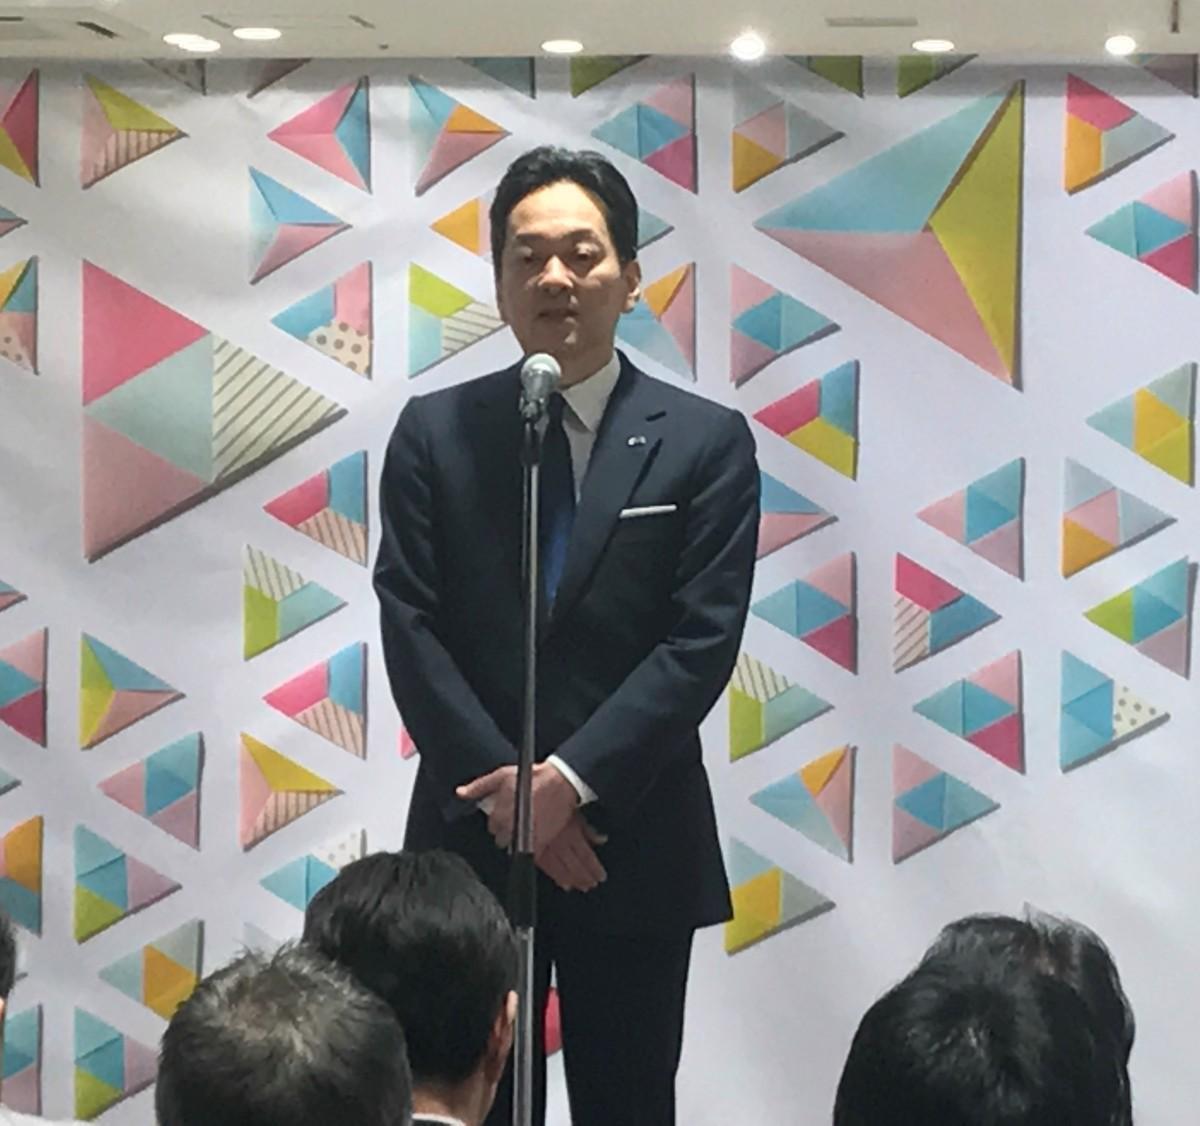 内覧会であいさつをする三越伊勢丹ホールディングスの杉江俊彦社長